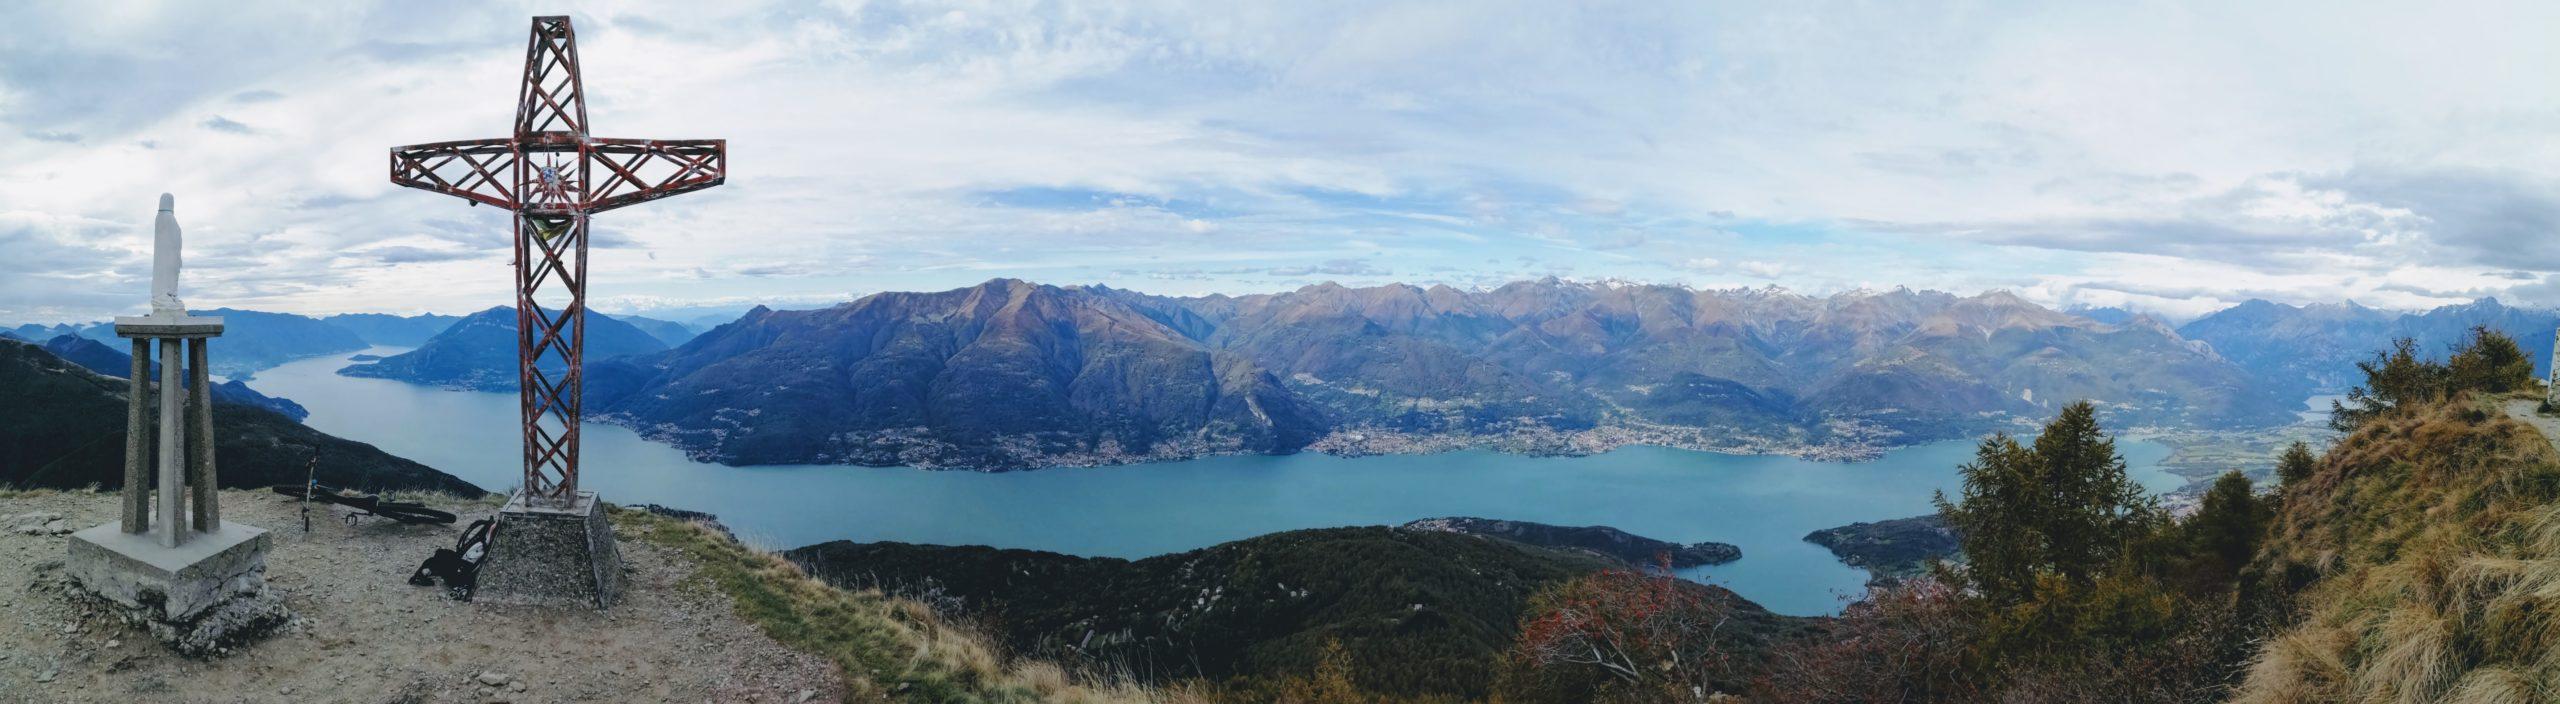 Monte Legnoncino, Trail-Klassiker am Comer See